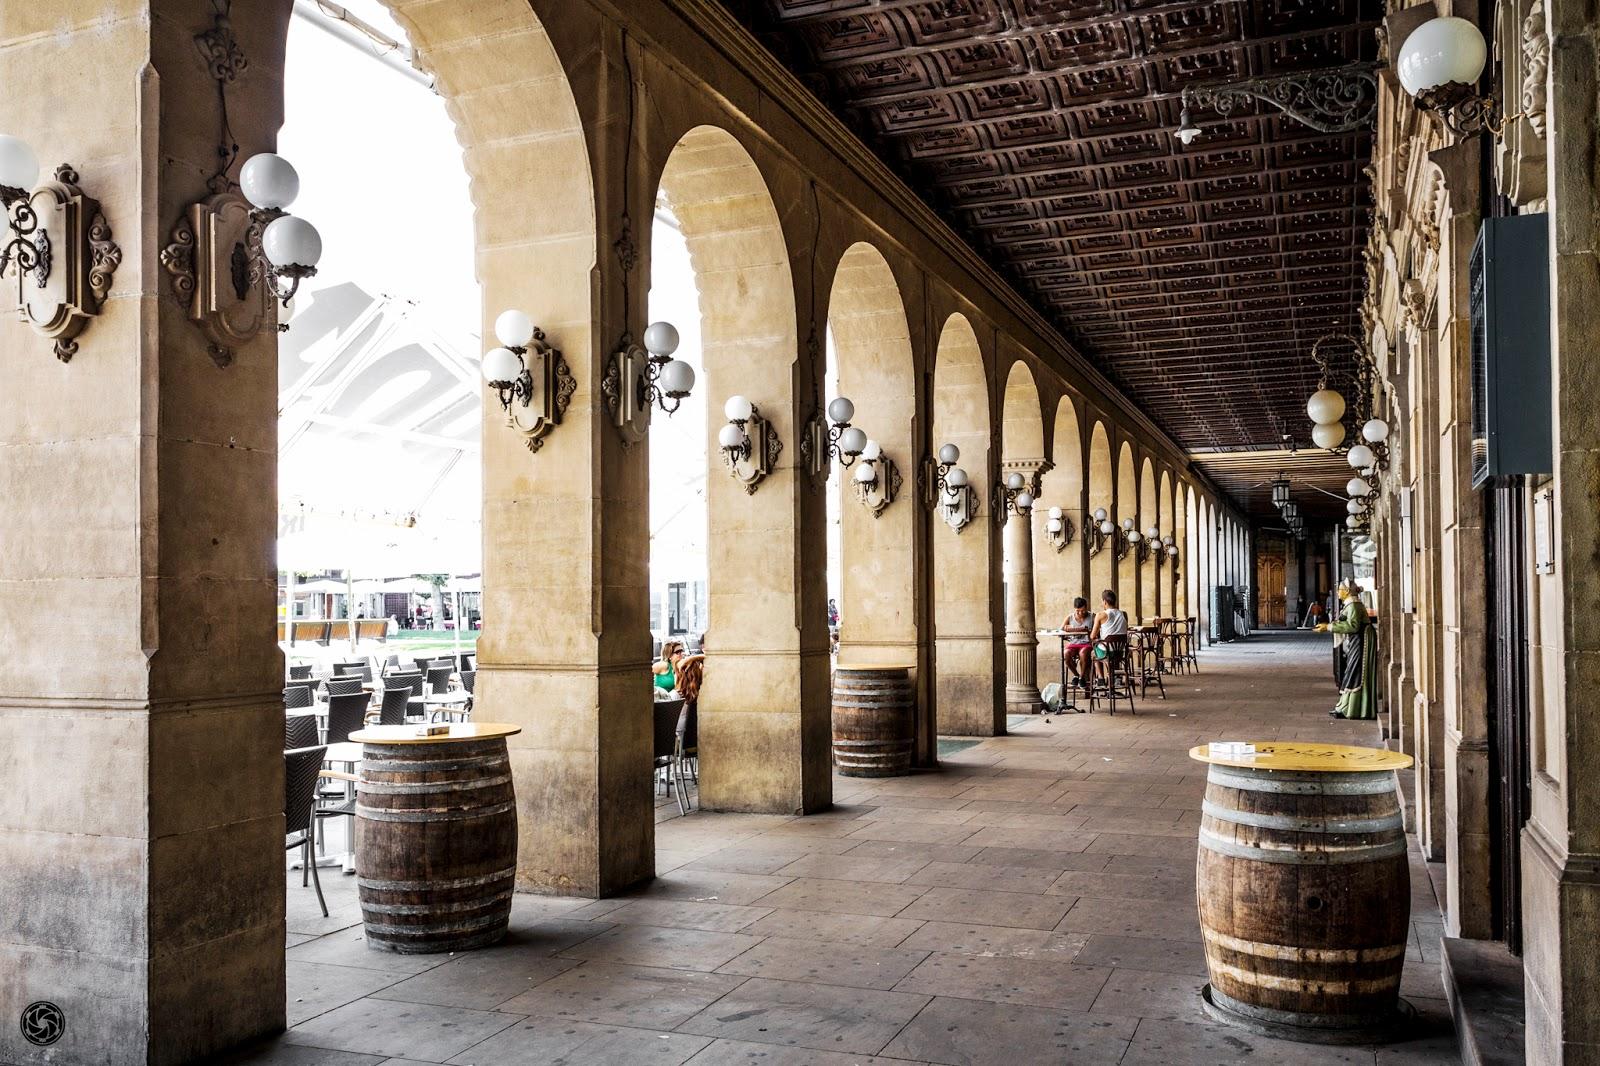 Acceso al café Iruña desde los soportales de la Plaza Castillo :: Canon EOS 5D MkIII | ISO800 | Canon 17-40 @29mm | f/6.3 | 1/100s